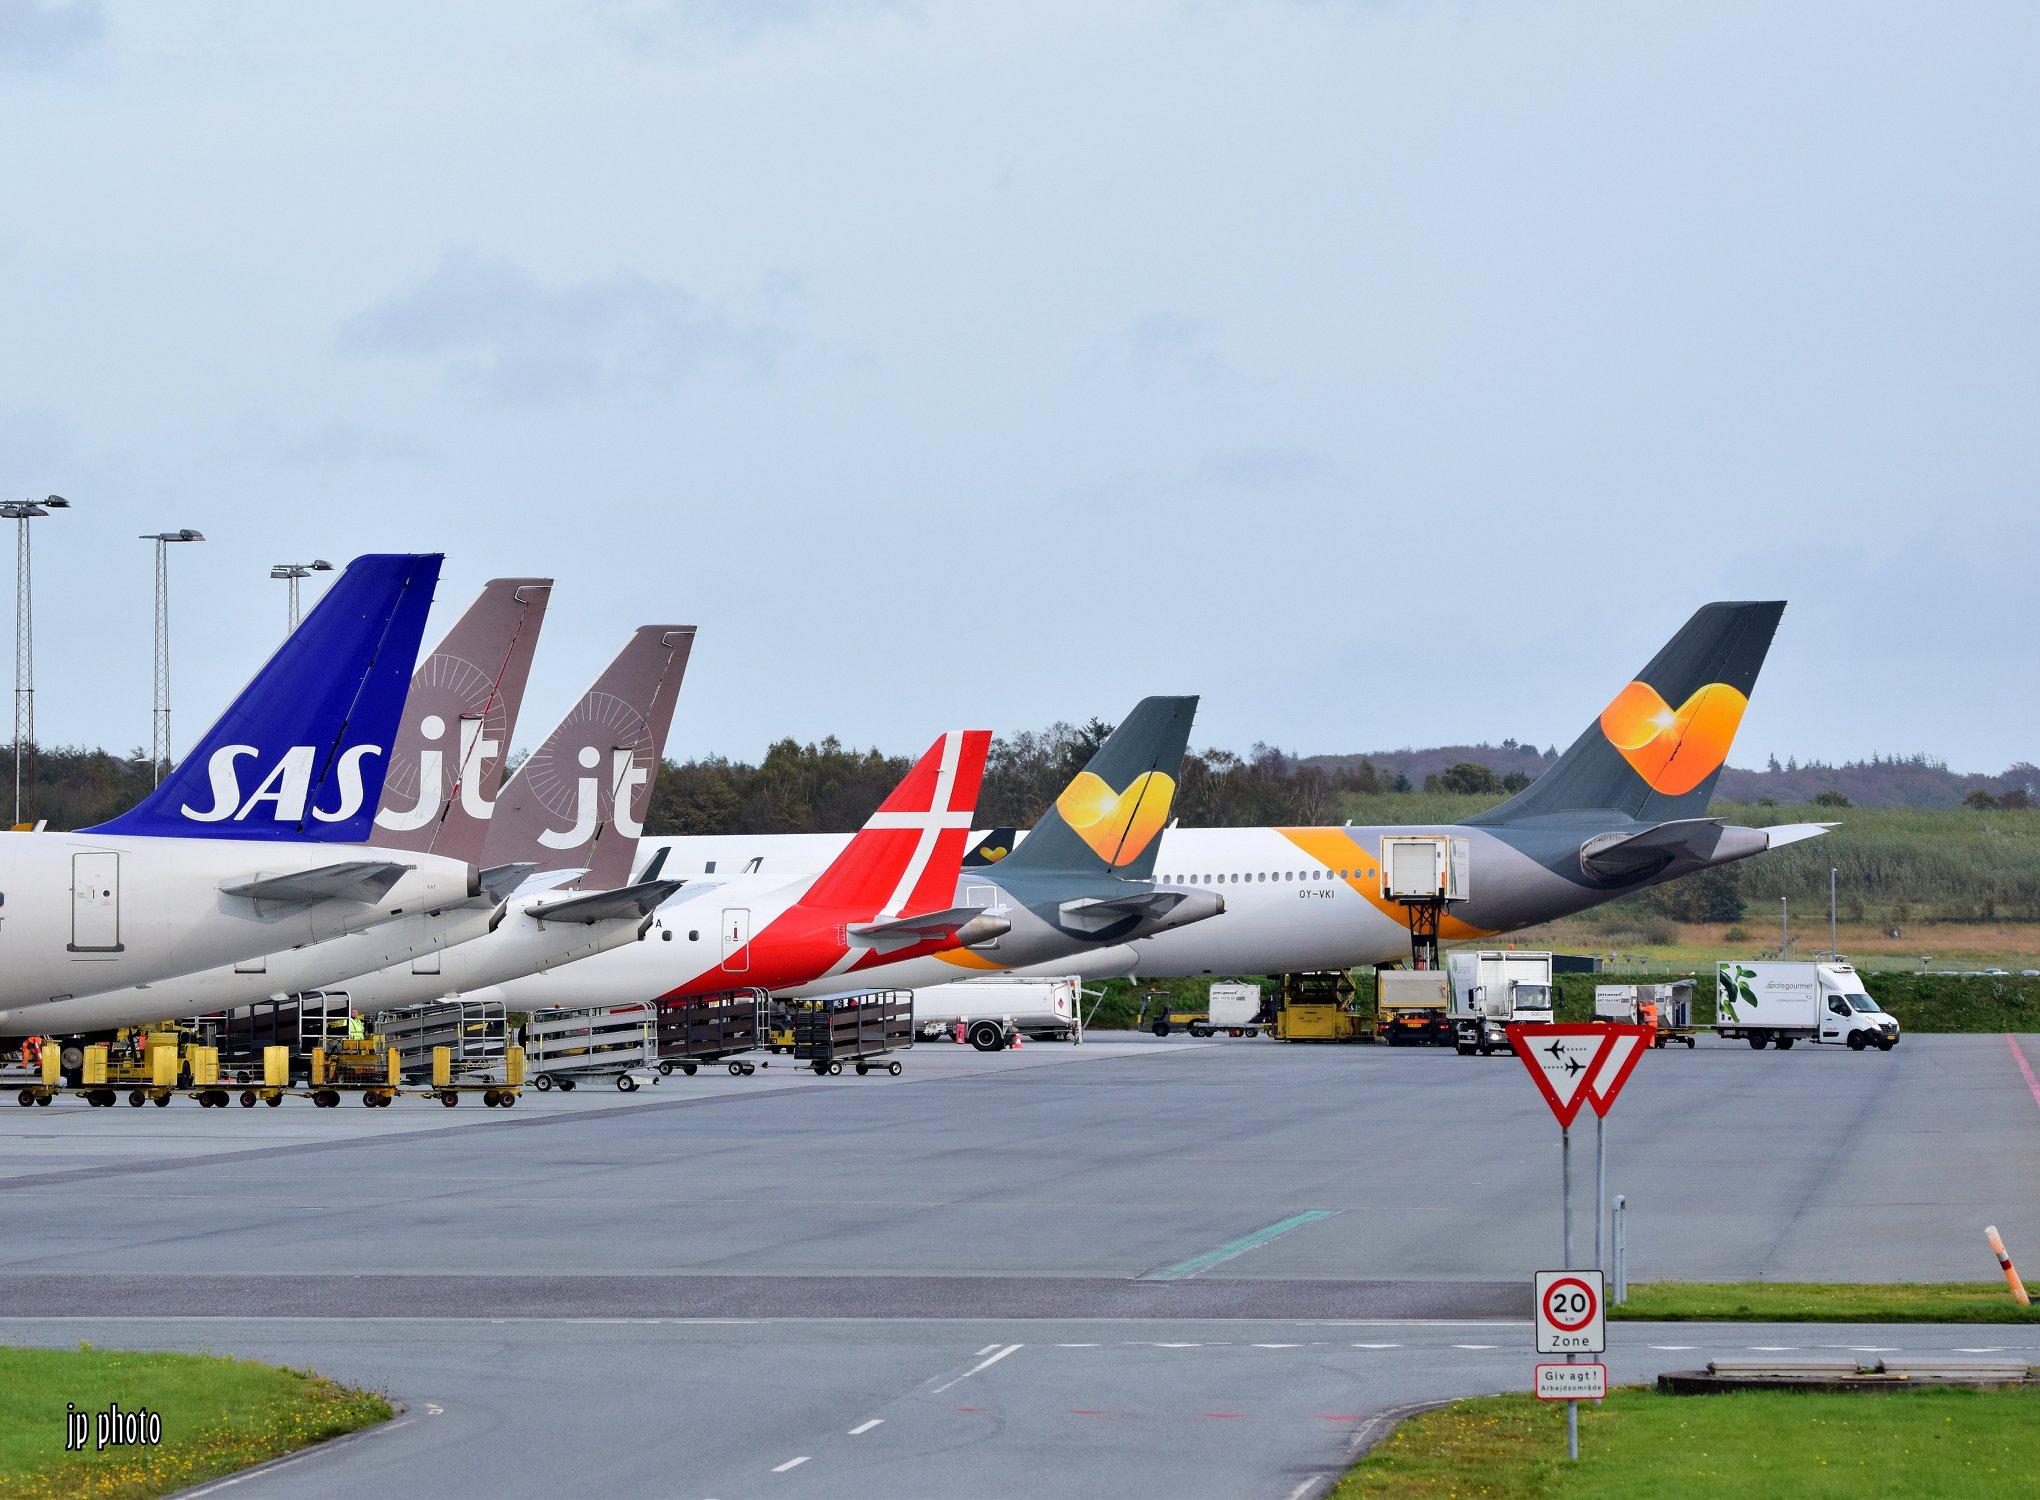 Fly på forpladsen i Billund Lufthavn. (Foto: Jannick Spangsberg Pedersen)